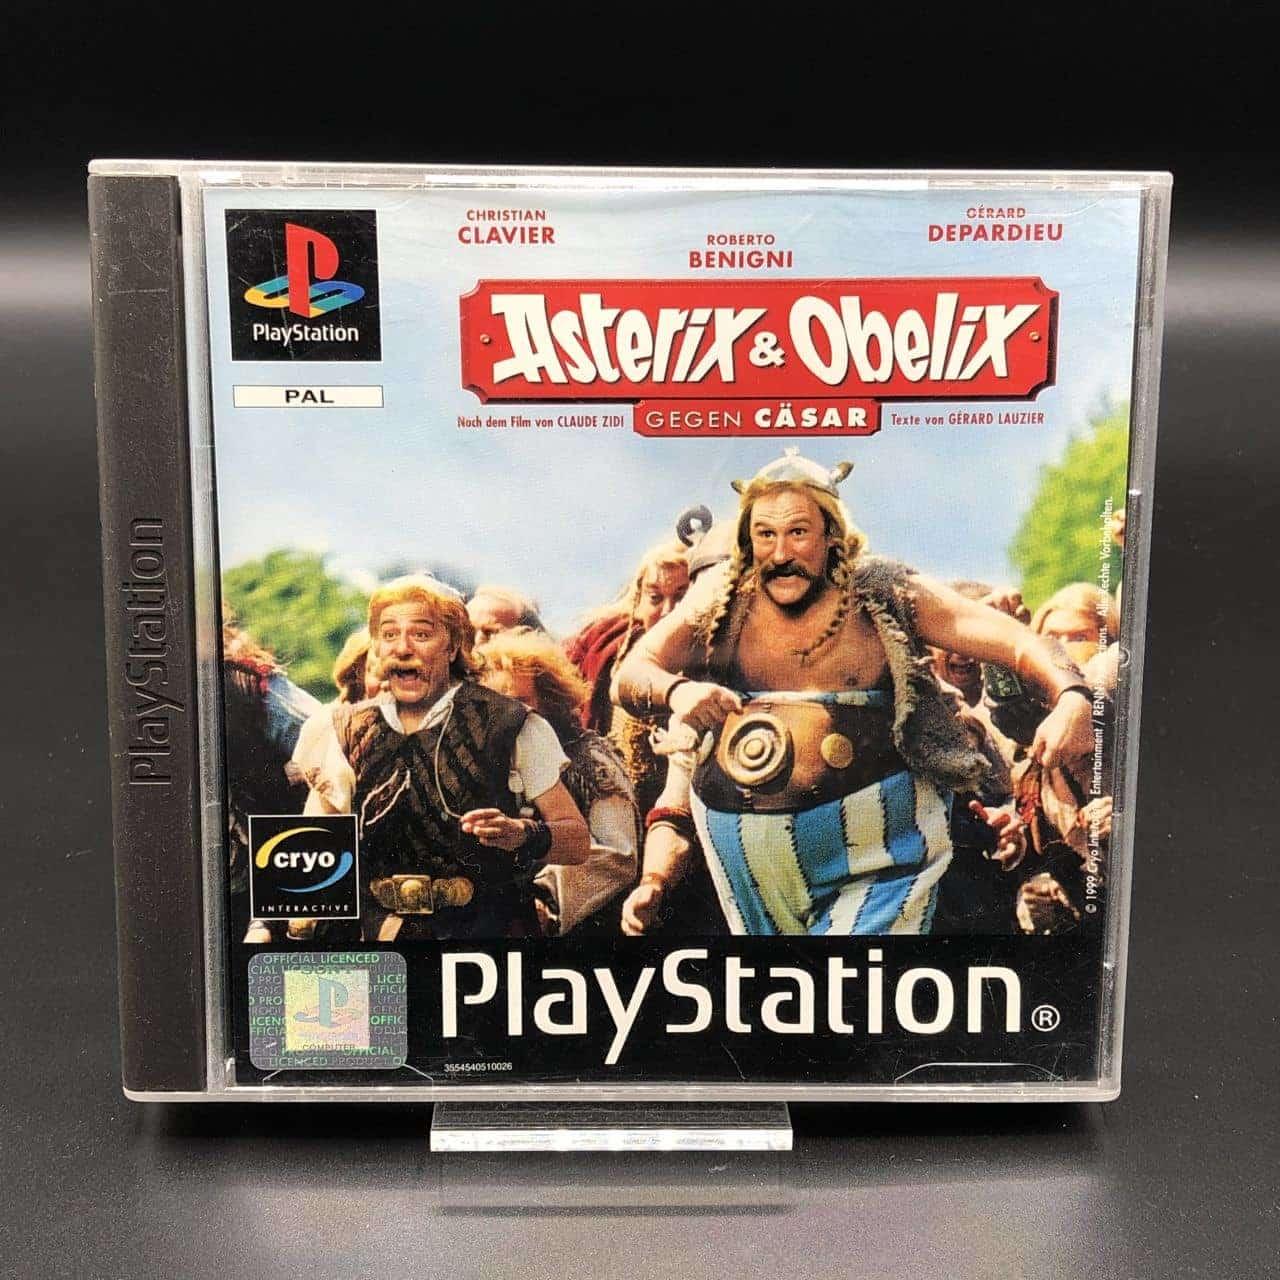 PS1 Asterix & Obelix gegen Cäsar (Komplett) (Sehr gut) Sony PlayStation 1